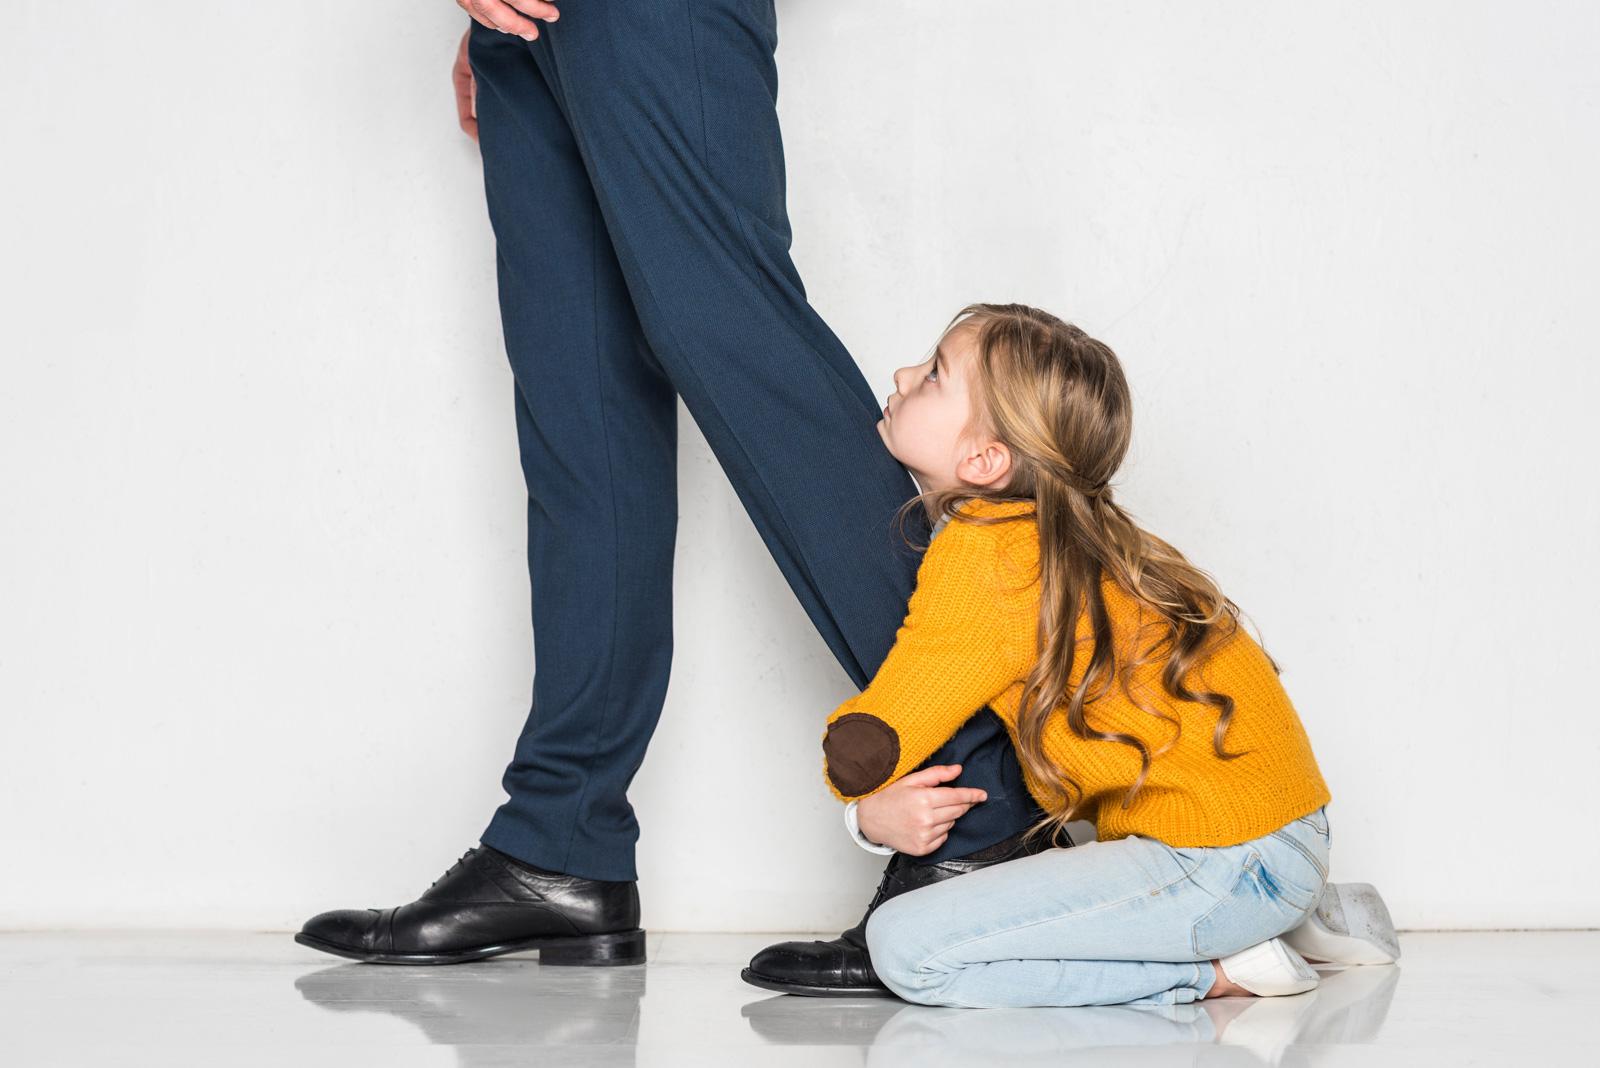 girl holding dad pant leg